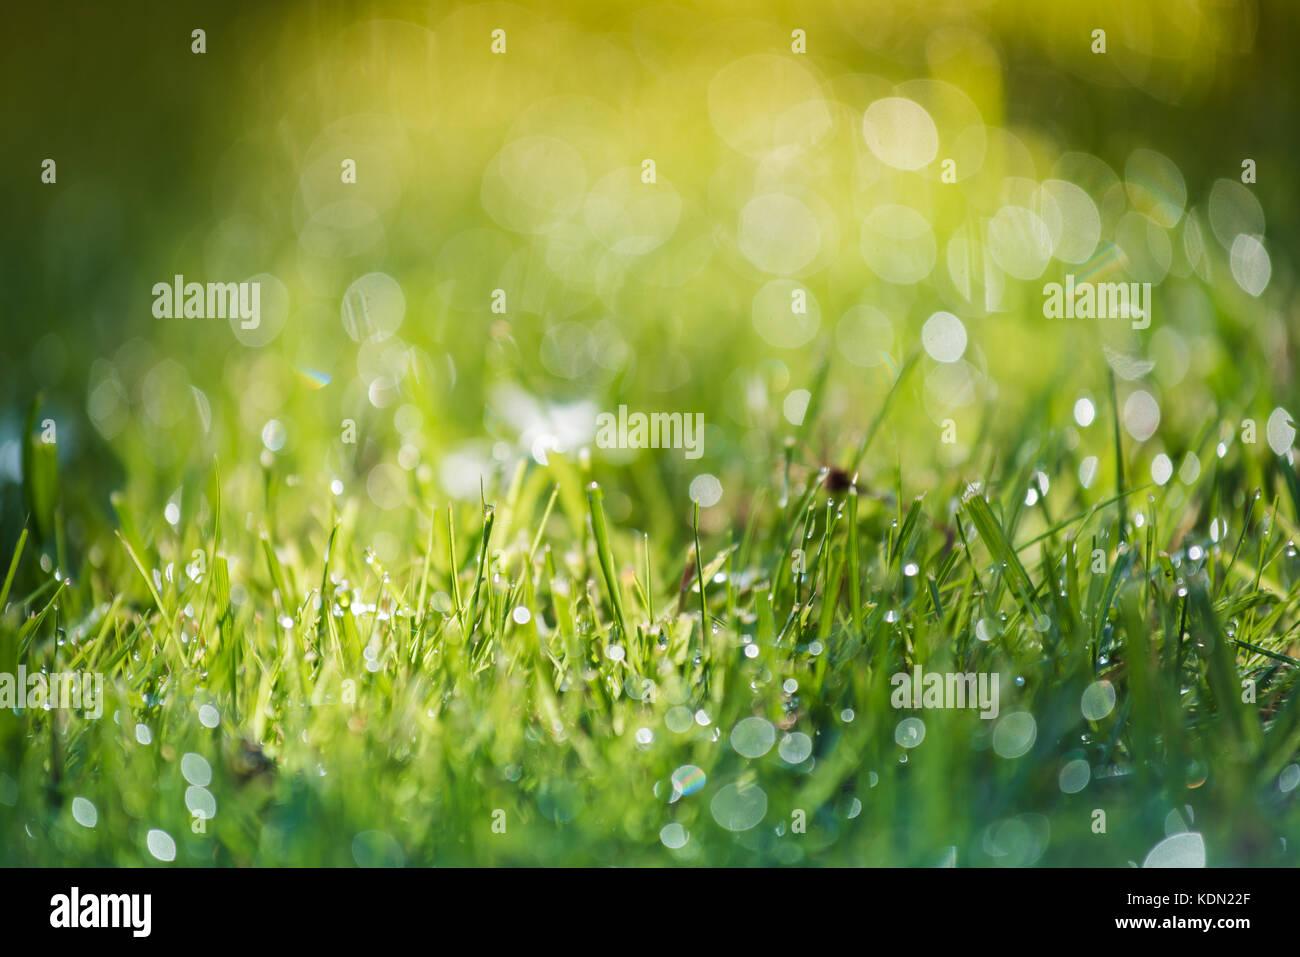 Hierba y agua en pequeña profundidad de campo intencionalmente Foto de stock